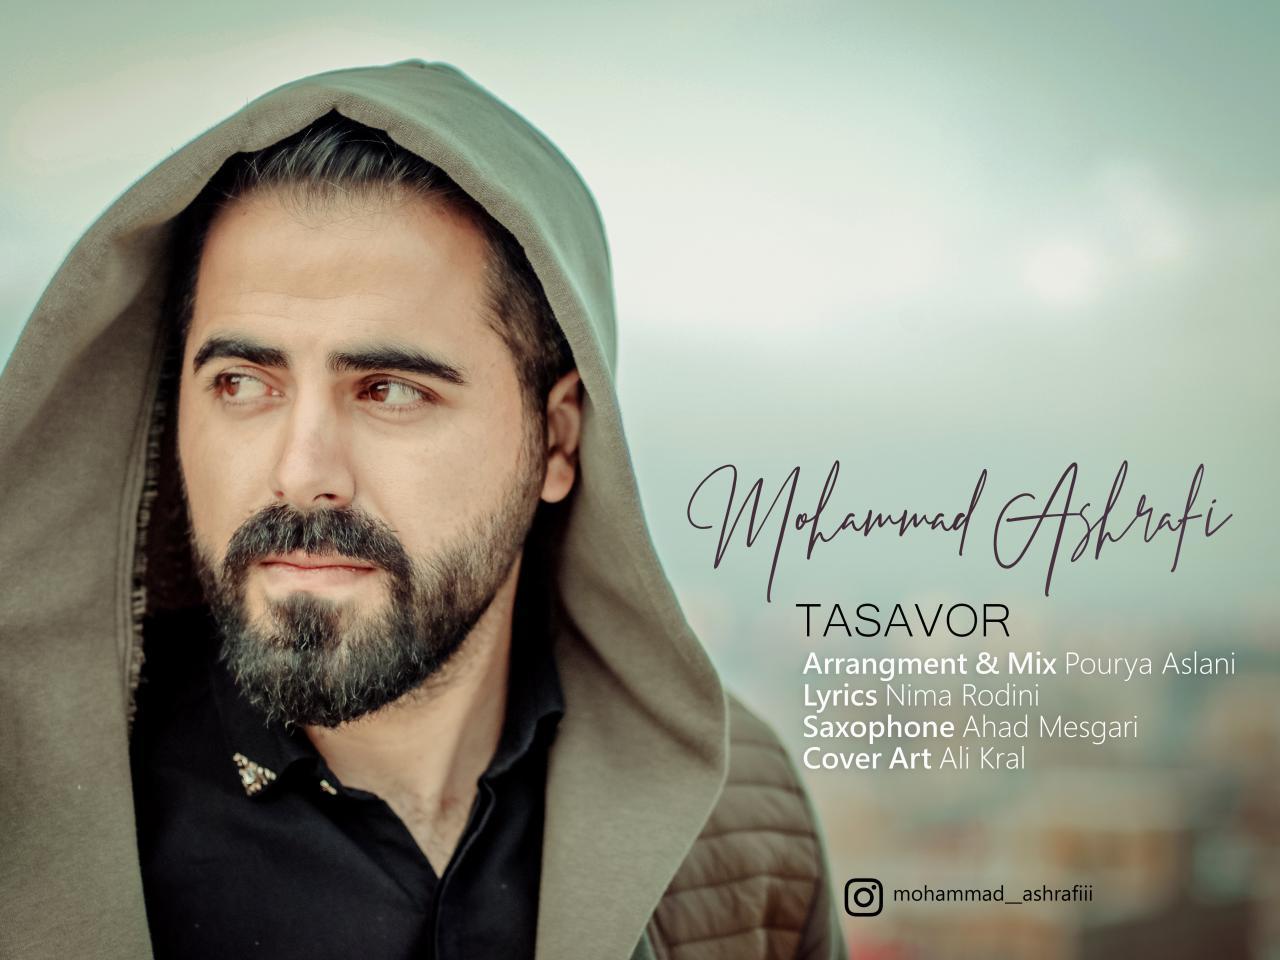 دانلود آهنگ جدیدمحمد اشرفیبه نامتصور